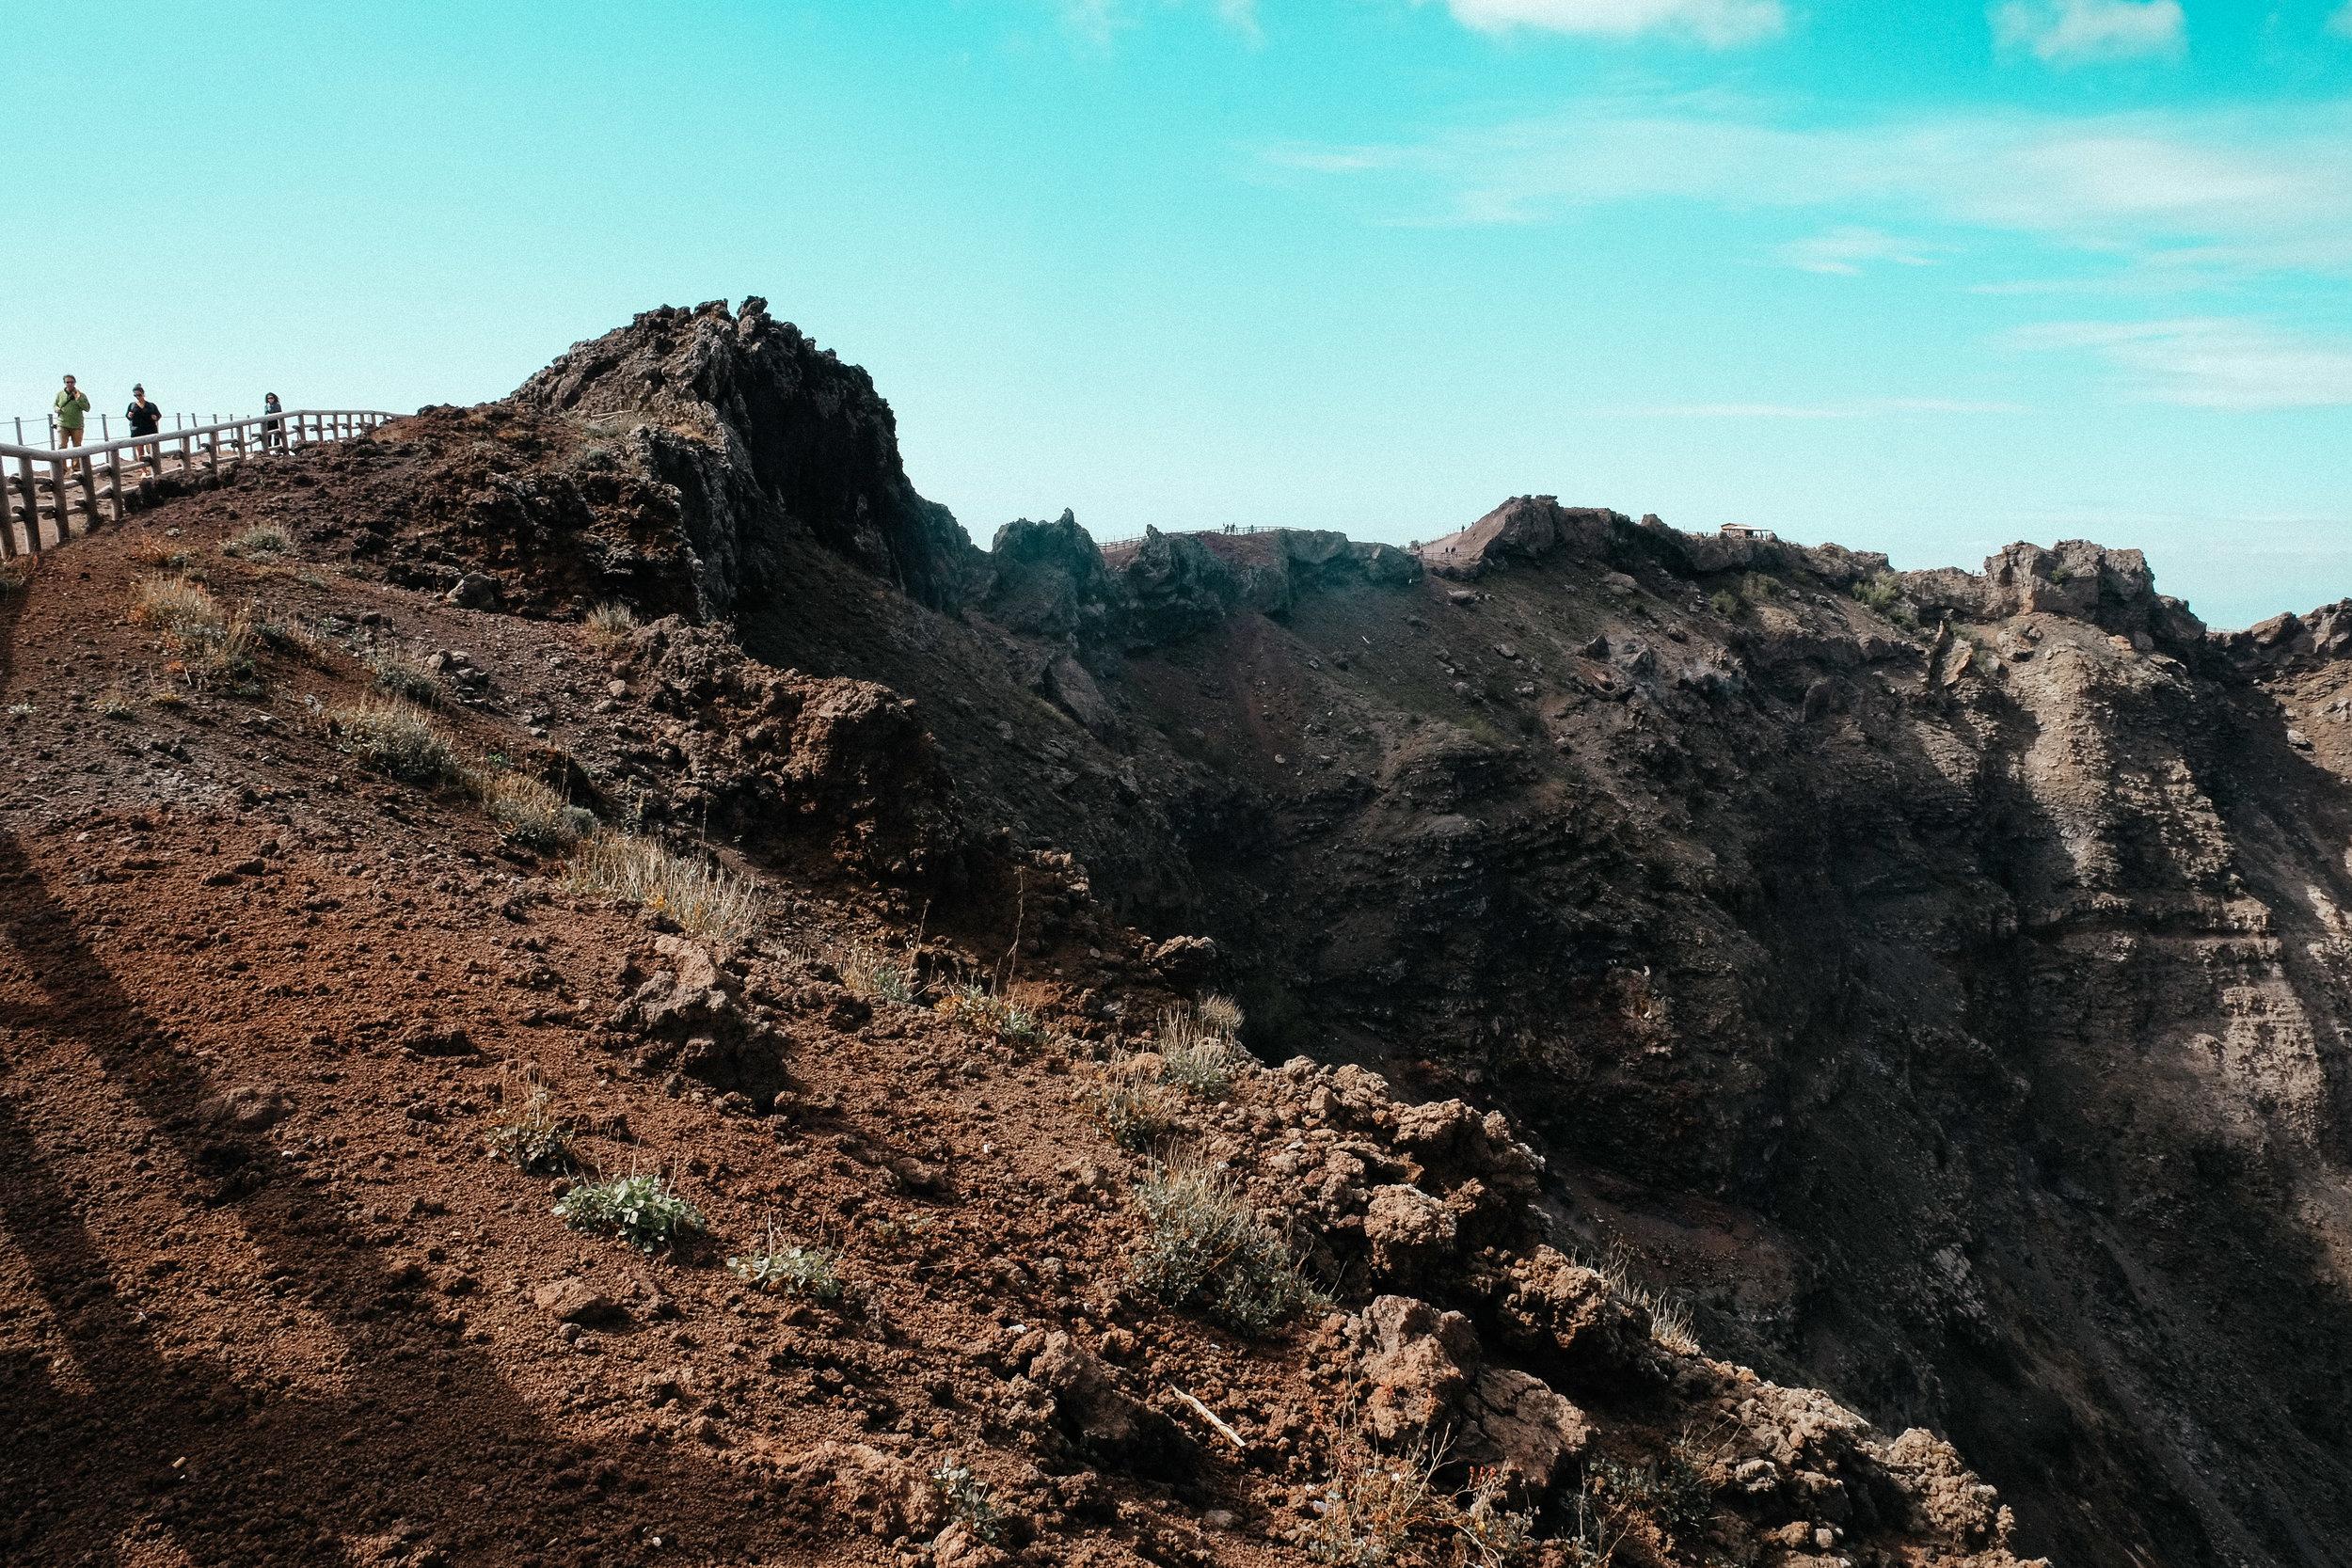 Lesly Lotha_Mount Vesuvius_Italy 04.jpg